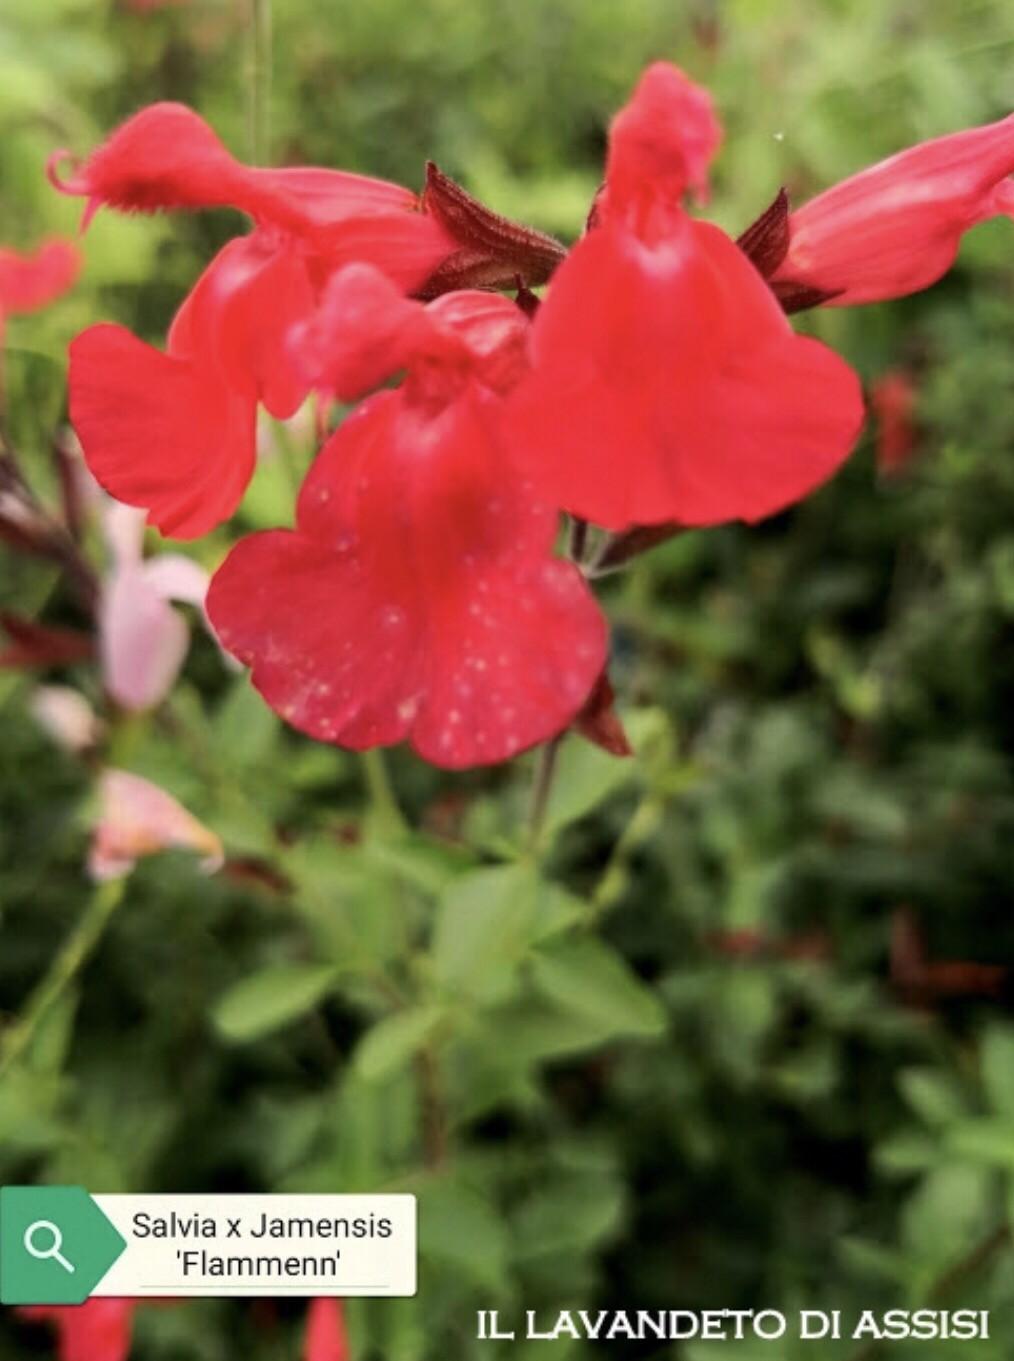 """Salvia X Jamensis """" Flammen"""" Ordinare dal sito: https://www.illavandetodiassisi.com/catalogo-vendita-online.html"""